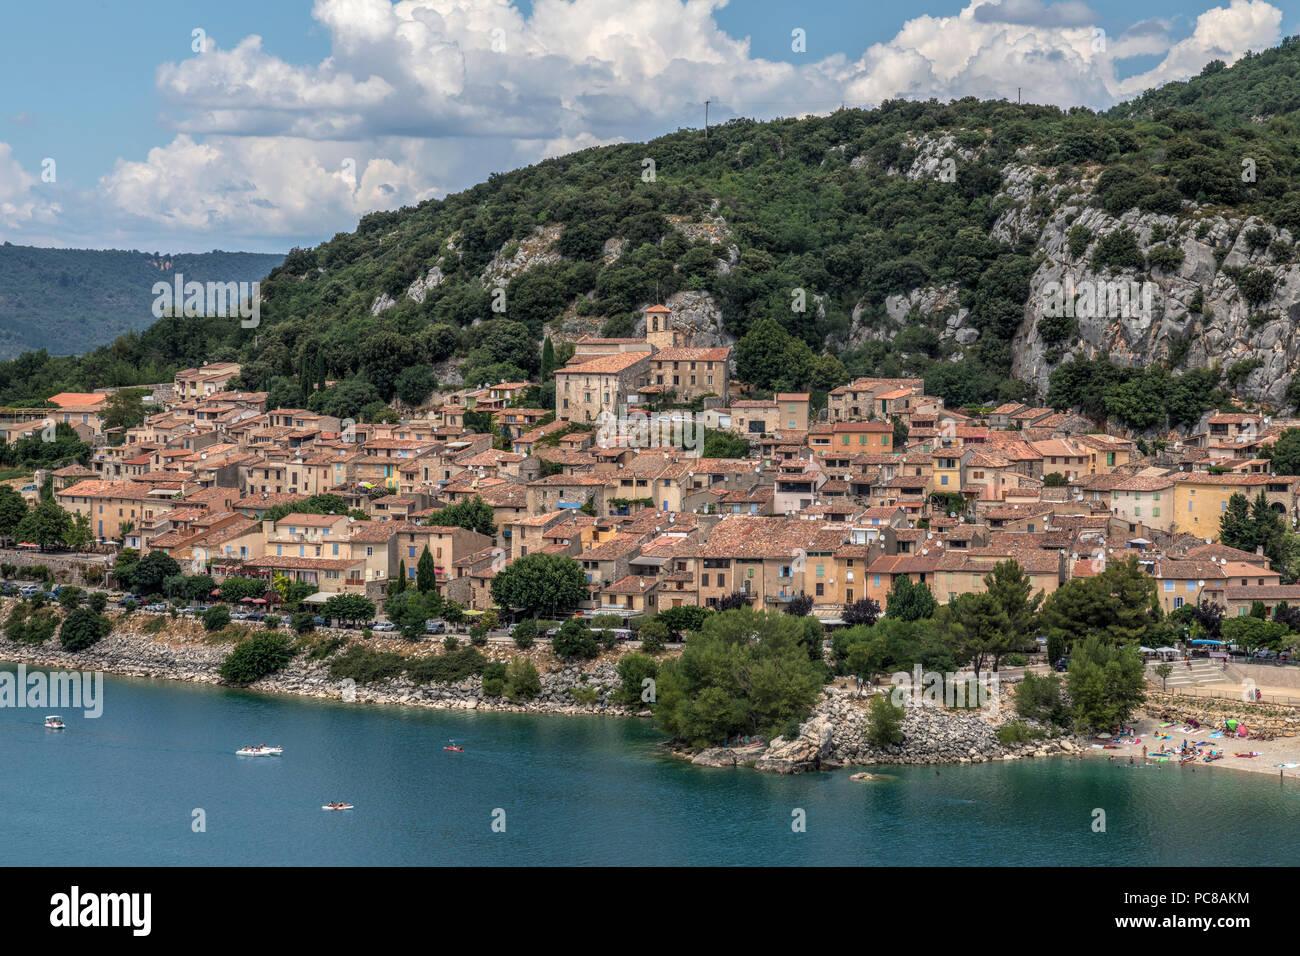 Bauduen, Var, Provence, France - Stock Image